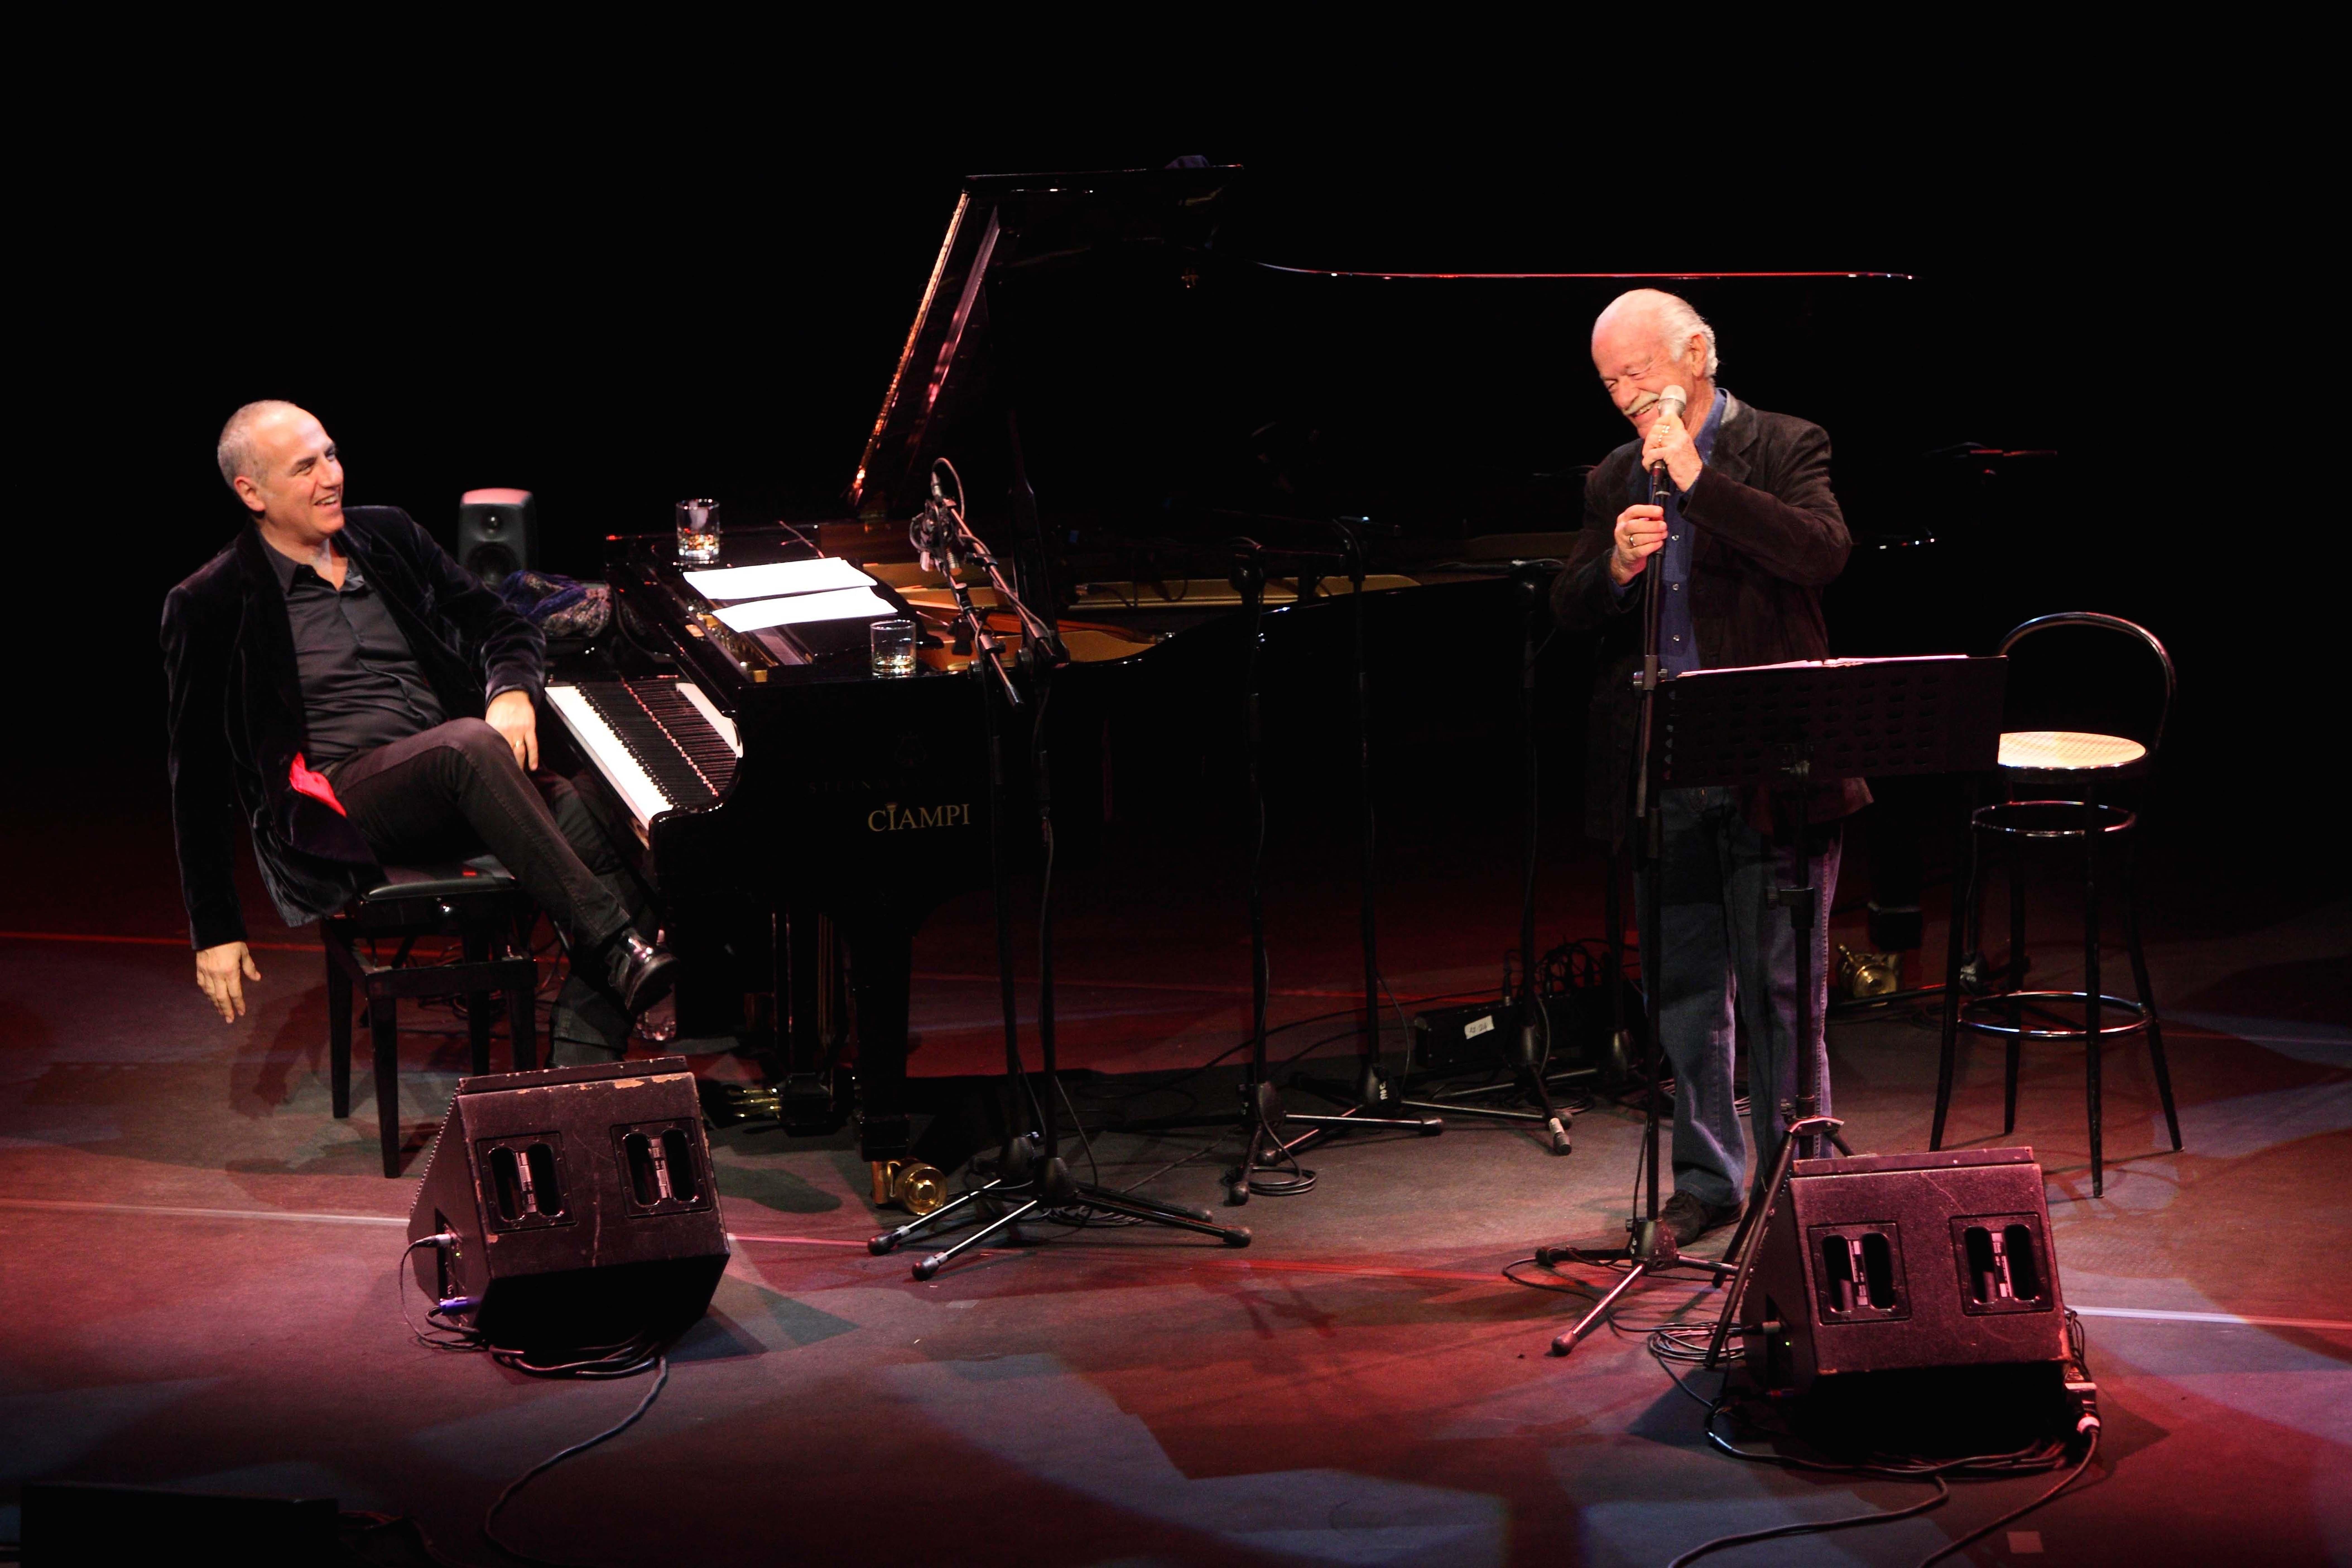 Intervista a Gino Paoli, a Trieste il 17.11.17